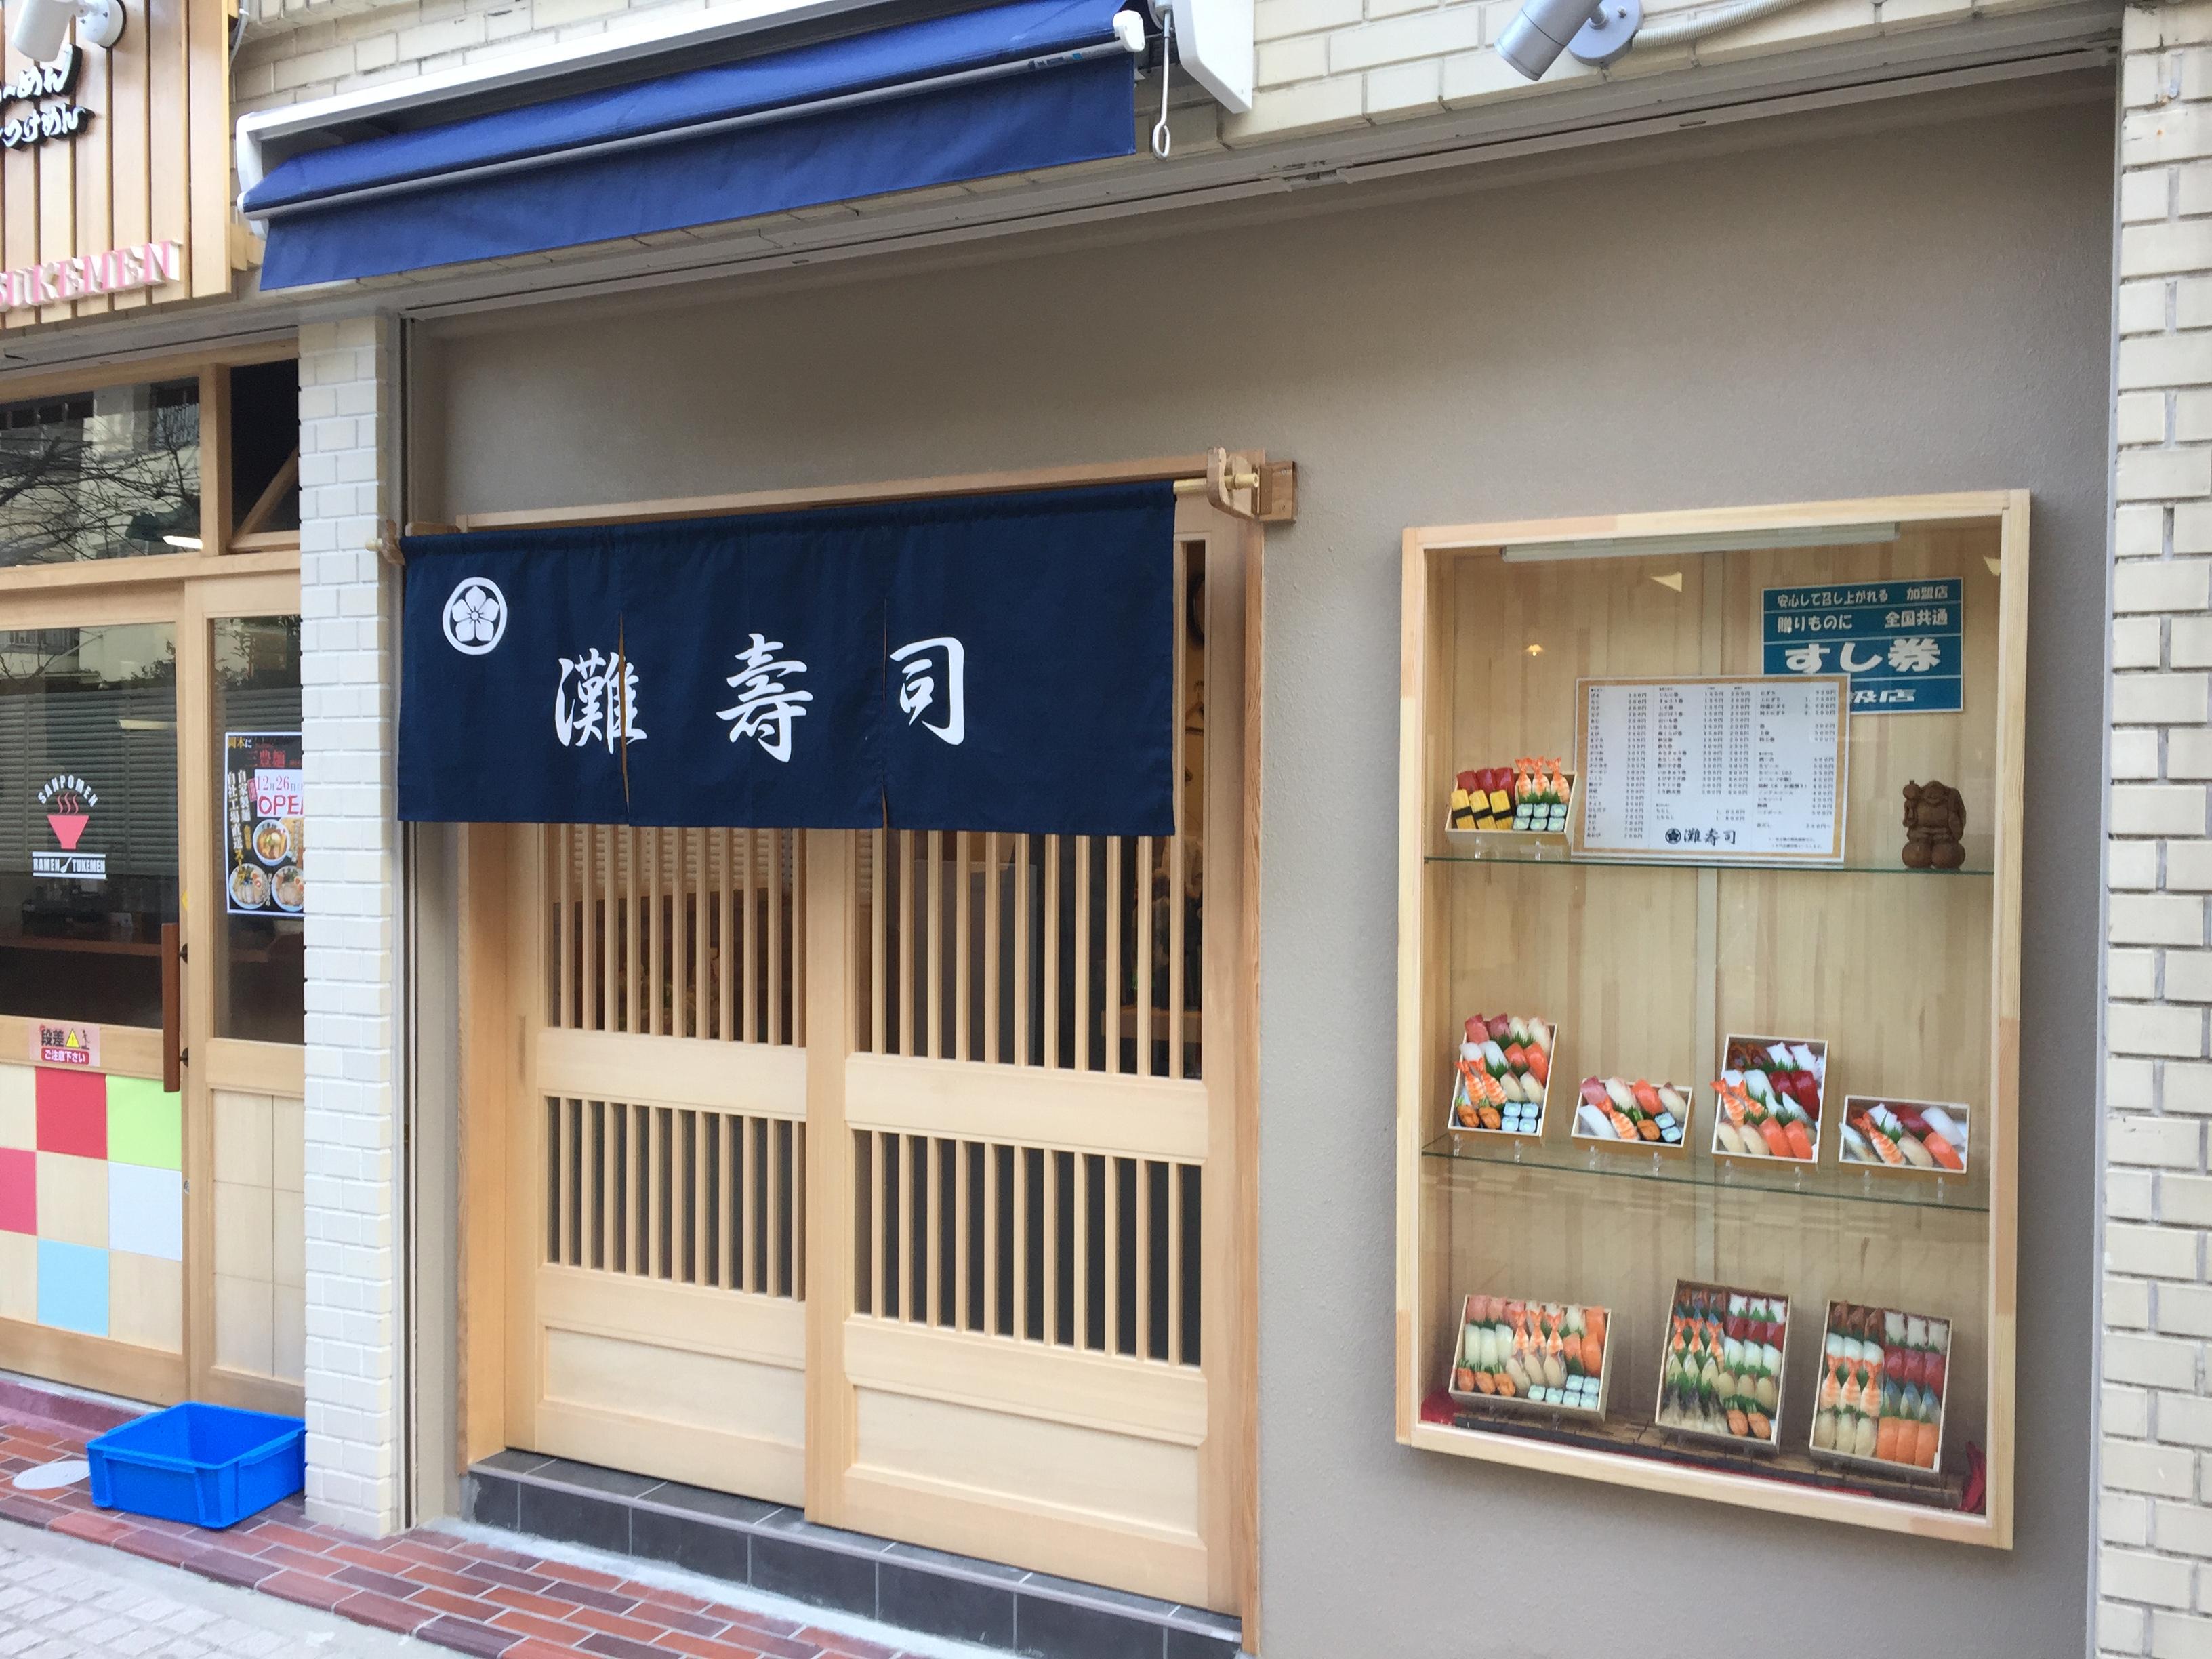 神戸・岡本「灘寿司」の新店舗でいただくランチは握りが最高!【ちょっといい店渋い店】